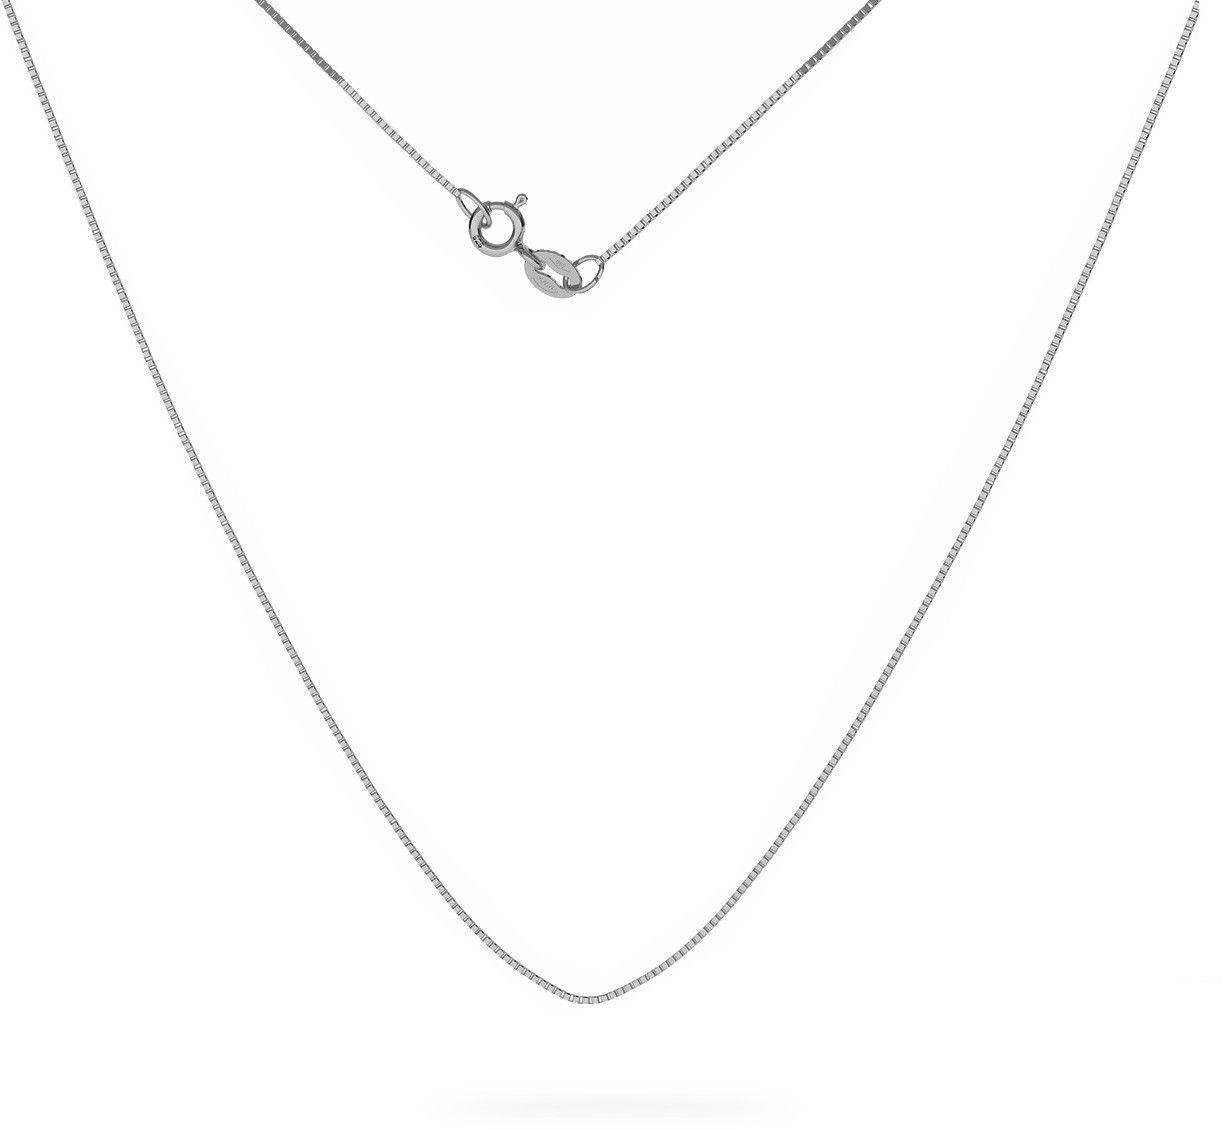 Srebrny łańcuszek kostka diamentowana, srebro 925 : Długość (cm) - 50, Srebro - kolor pokrycia - Pokrycie platyną